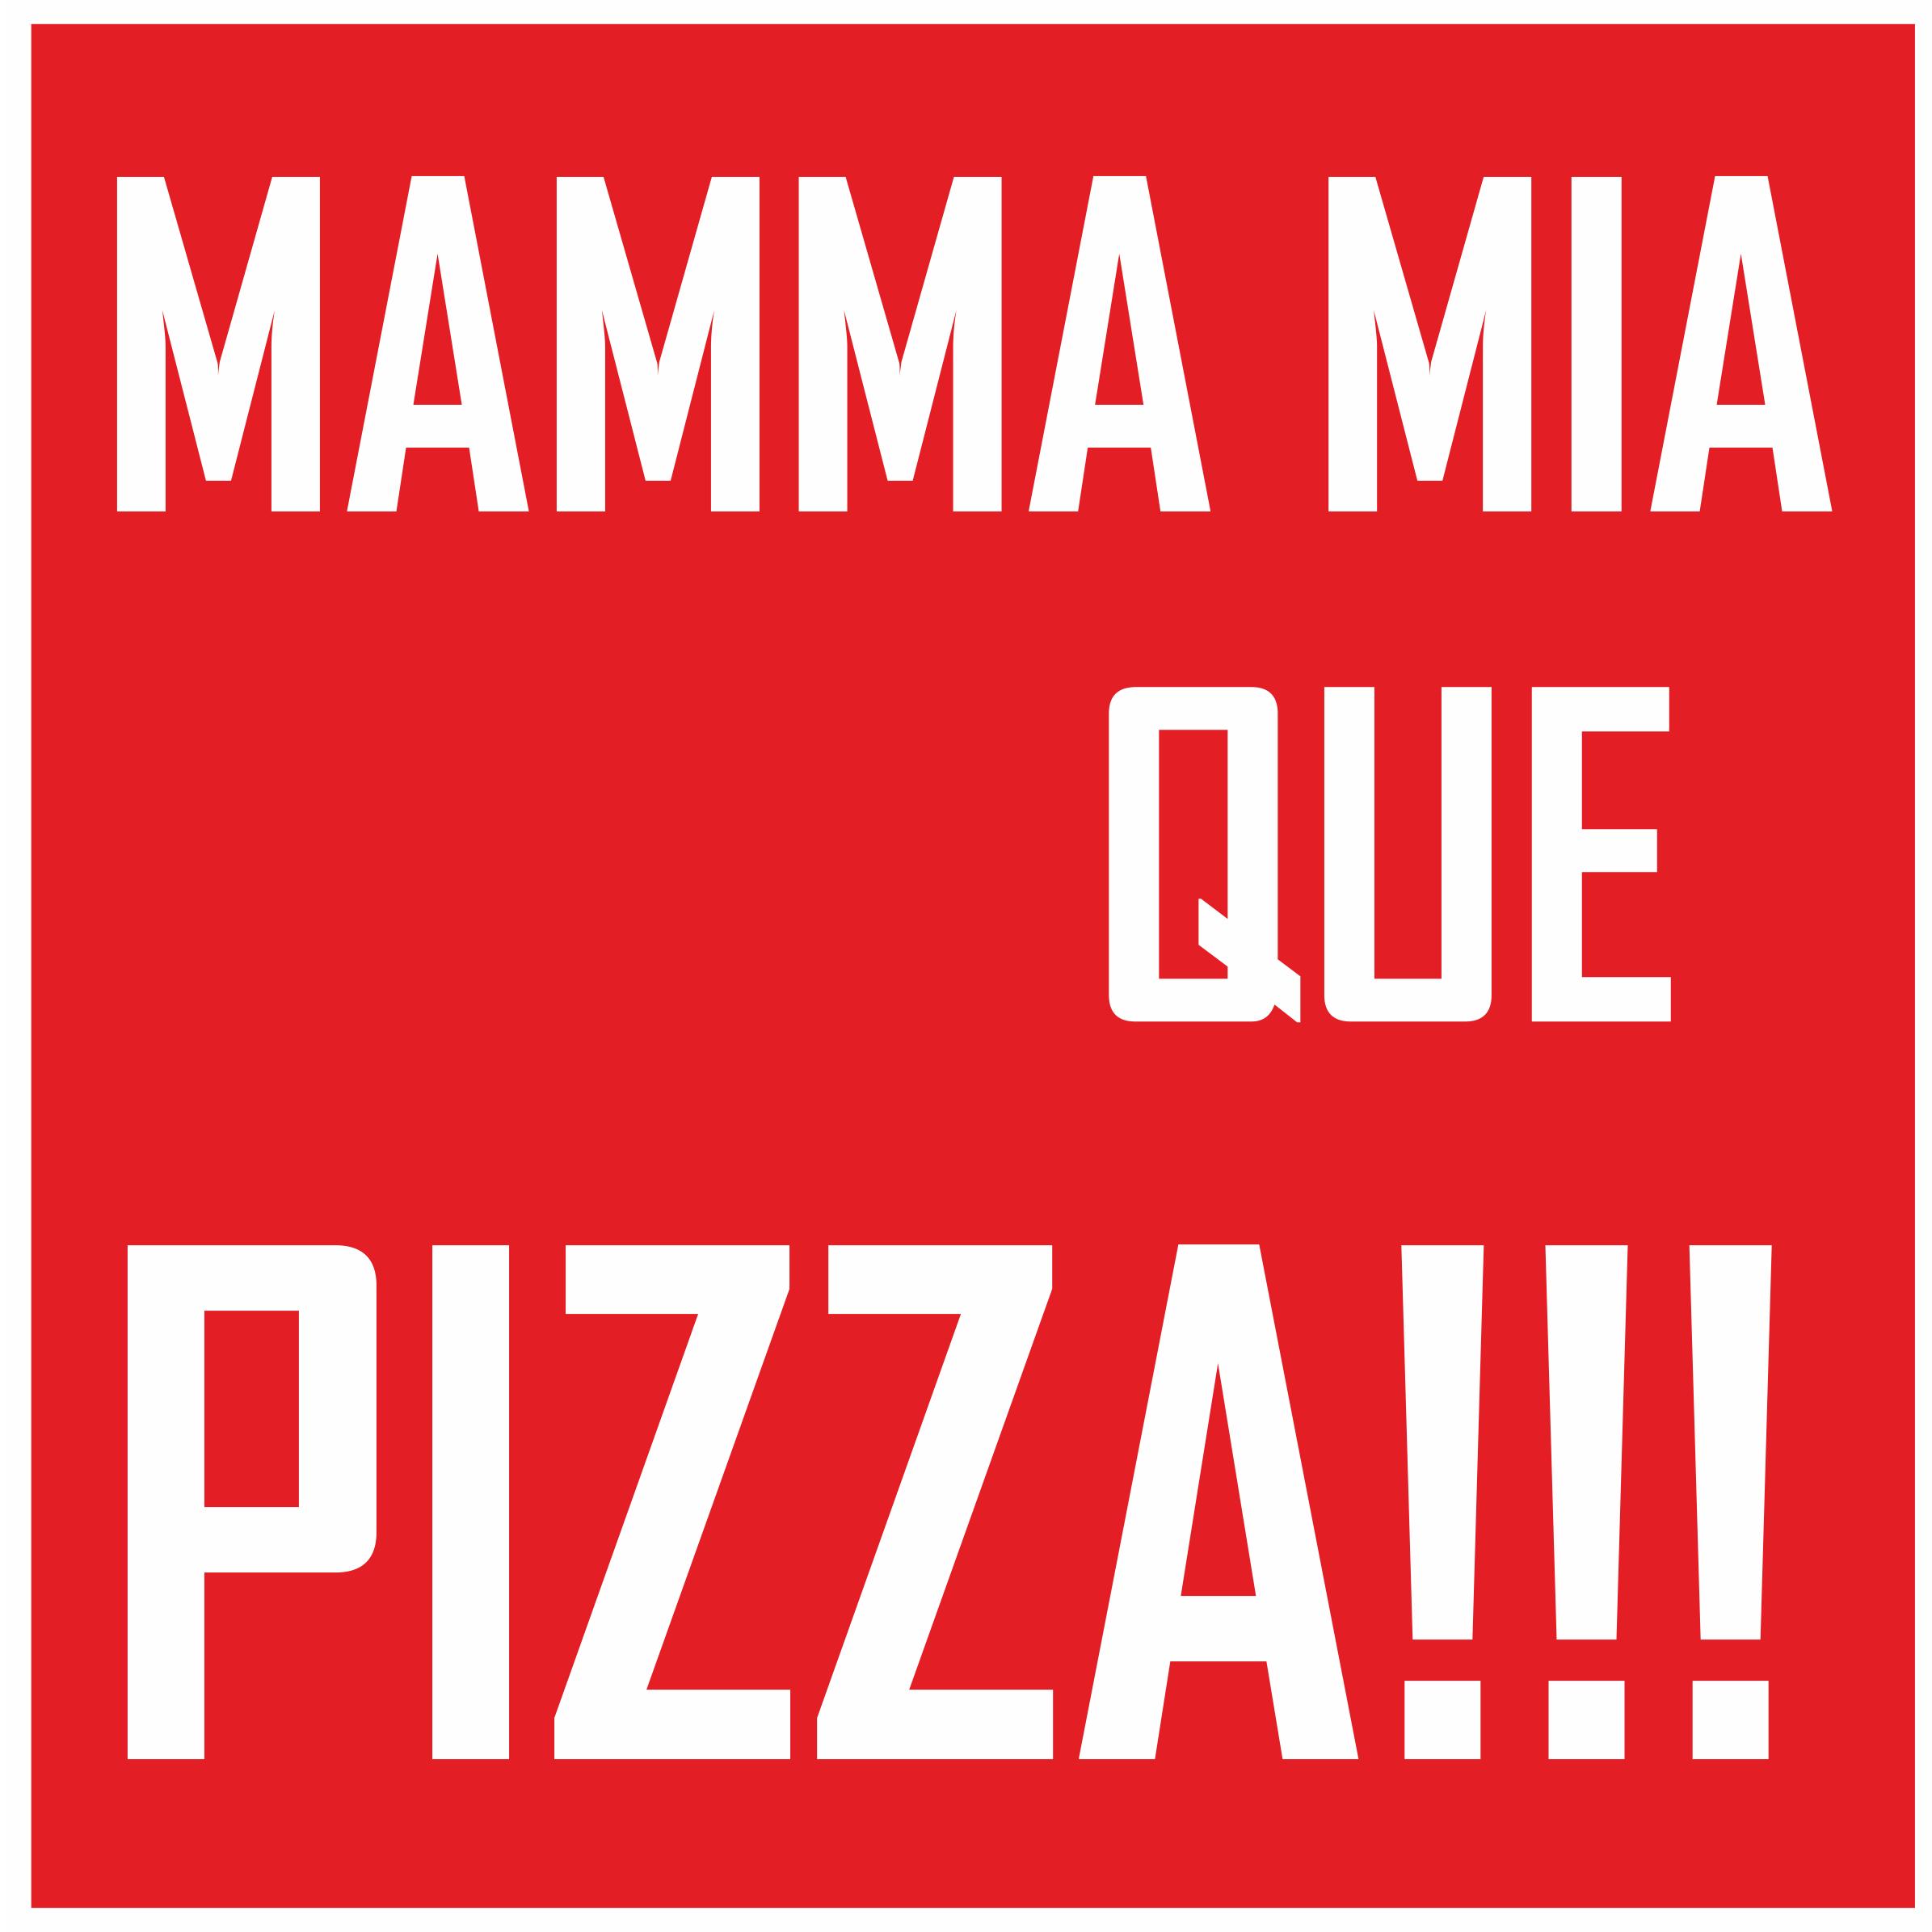 MAMMA MIA que PIZZA!!!